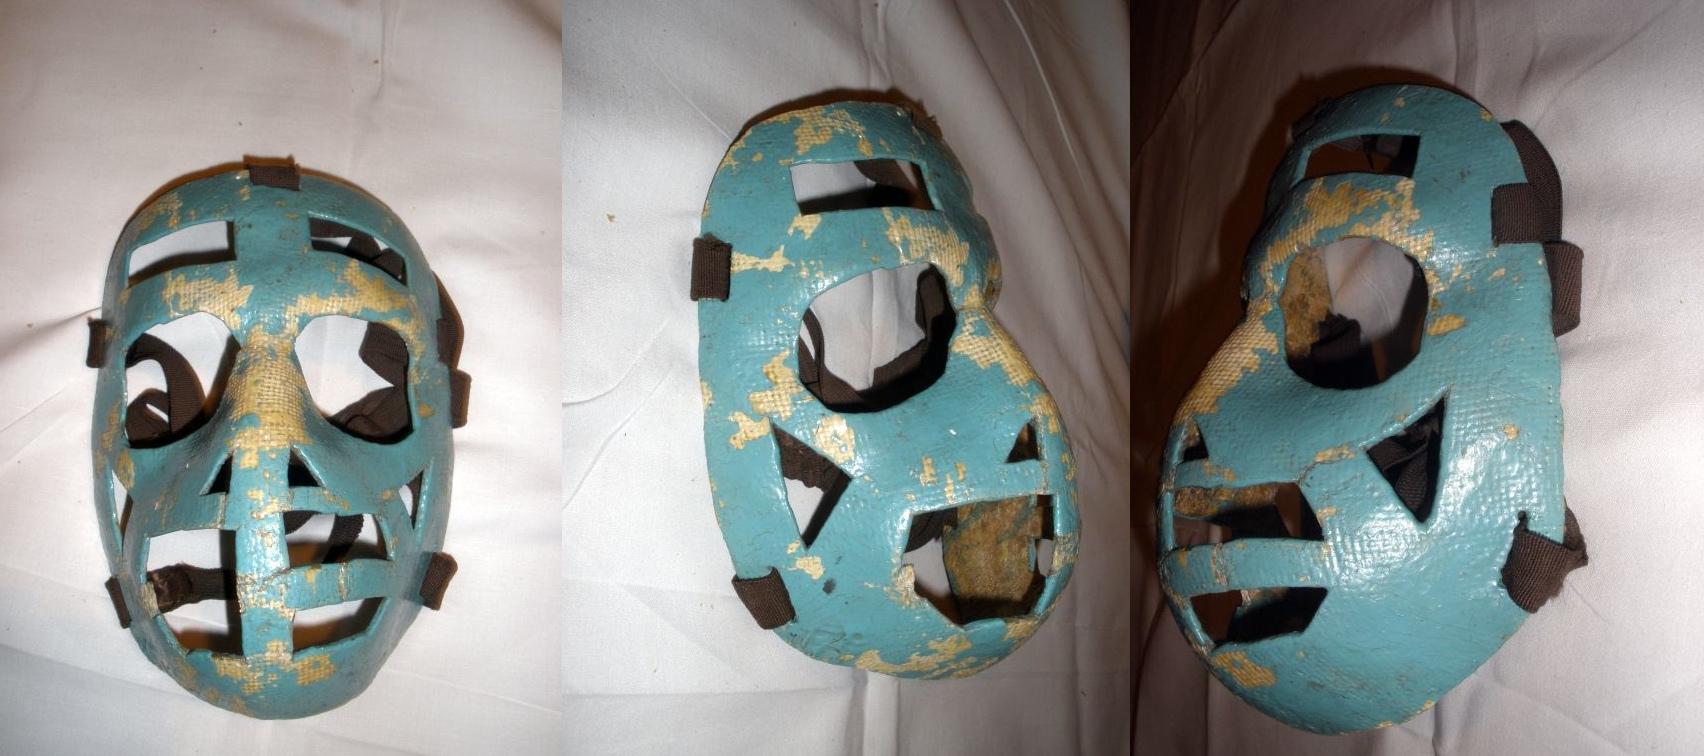 Maska, jakou používali např. Jiří Holeček nebo Vlado Dzurilla